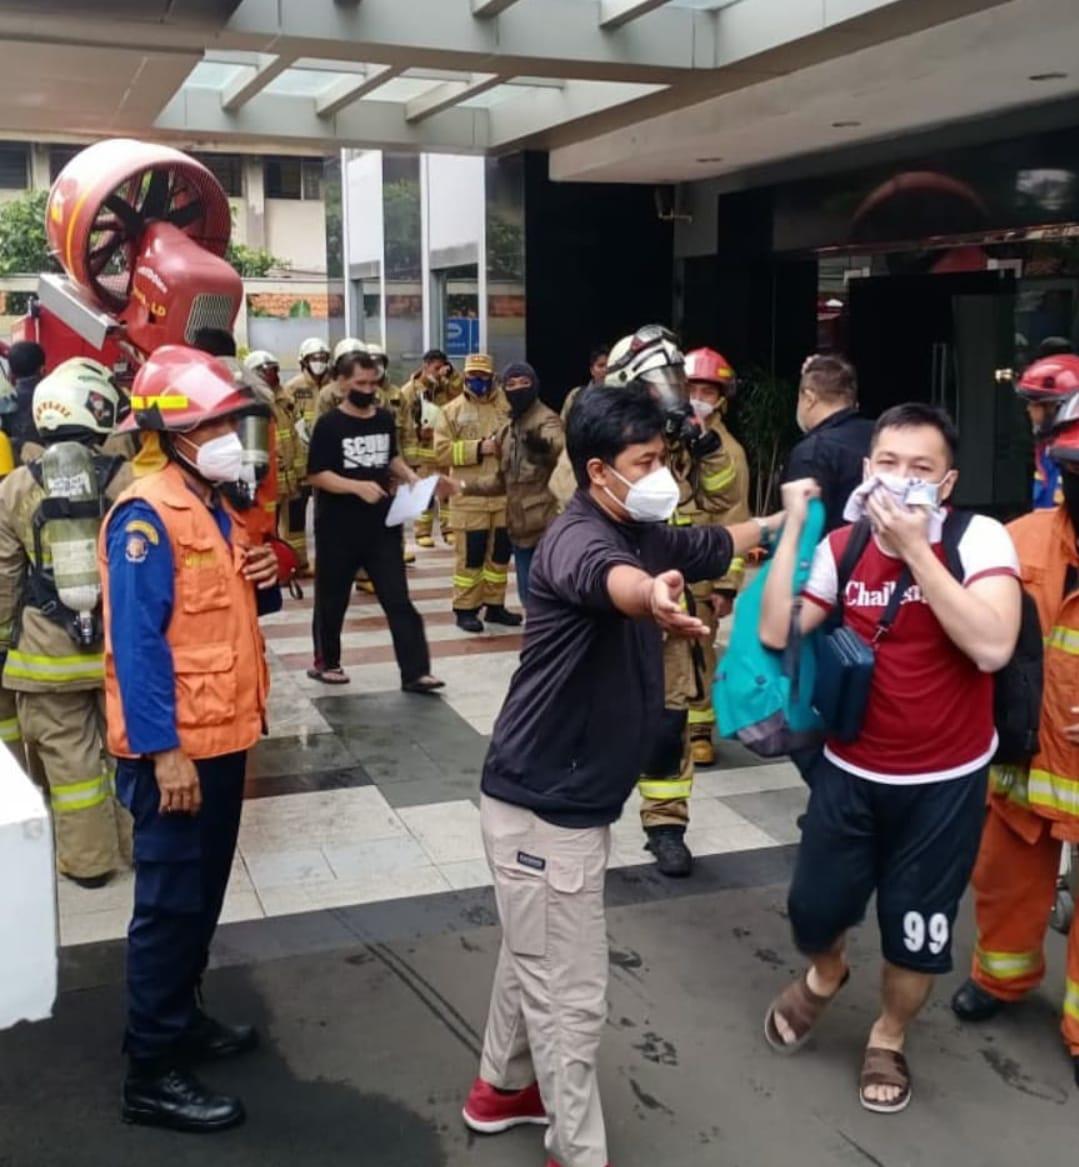 https: img.okezone.com content 2021 04 04 338 2389015 evakuasi-korban-kebakaran-apartemen-taman-sari-pintu-darut-dikabarkan-sempat-terkunci-6rv66yPFrA.jpg